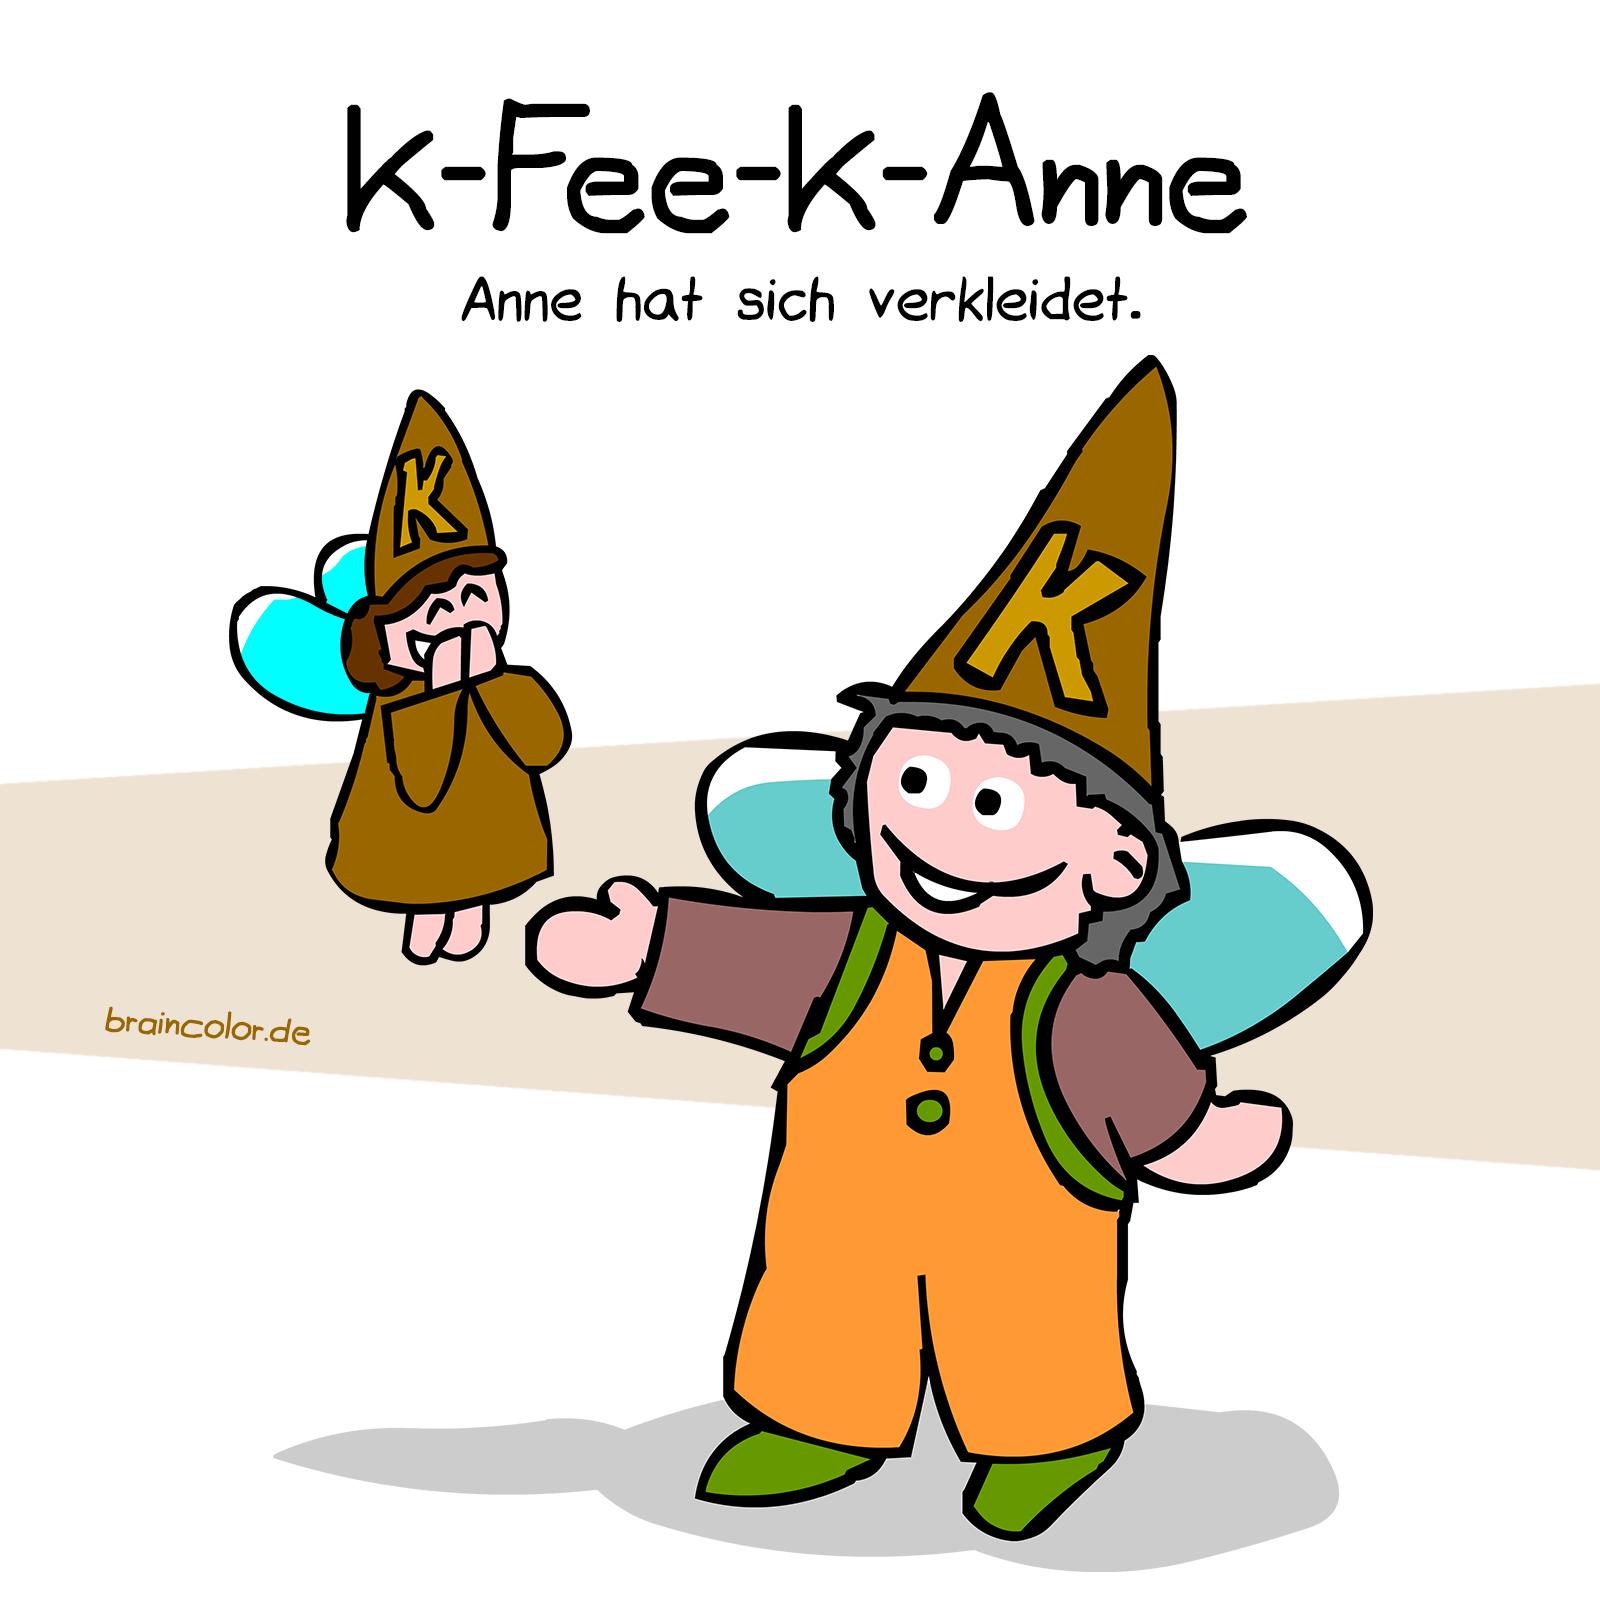 k-fee-k-anne